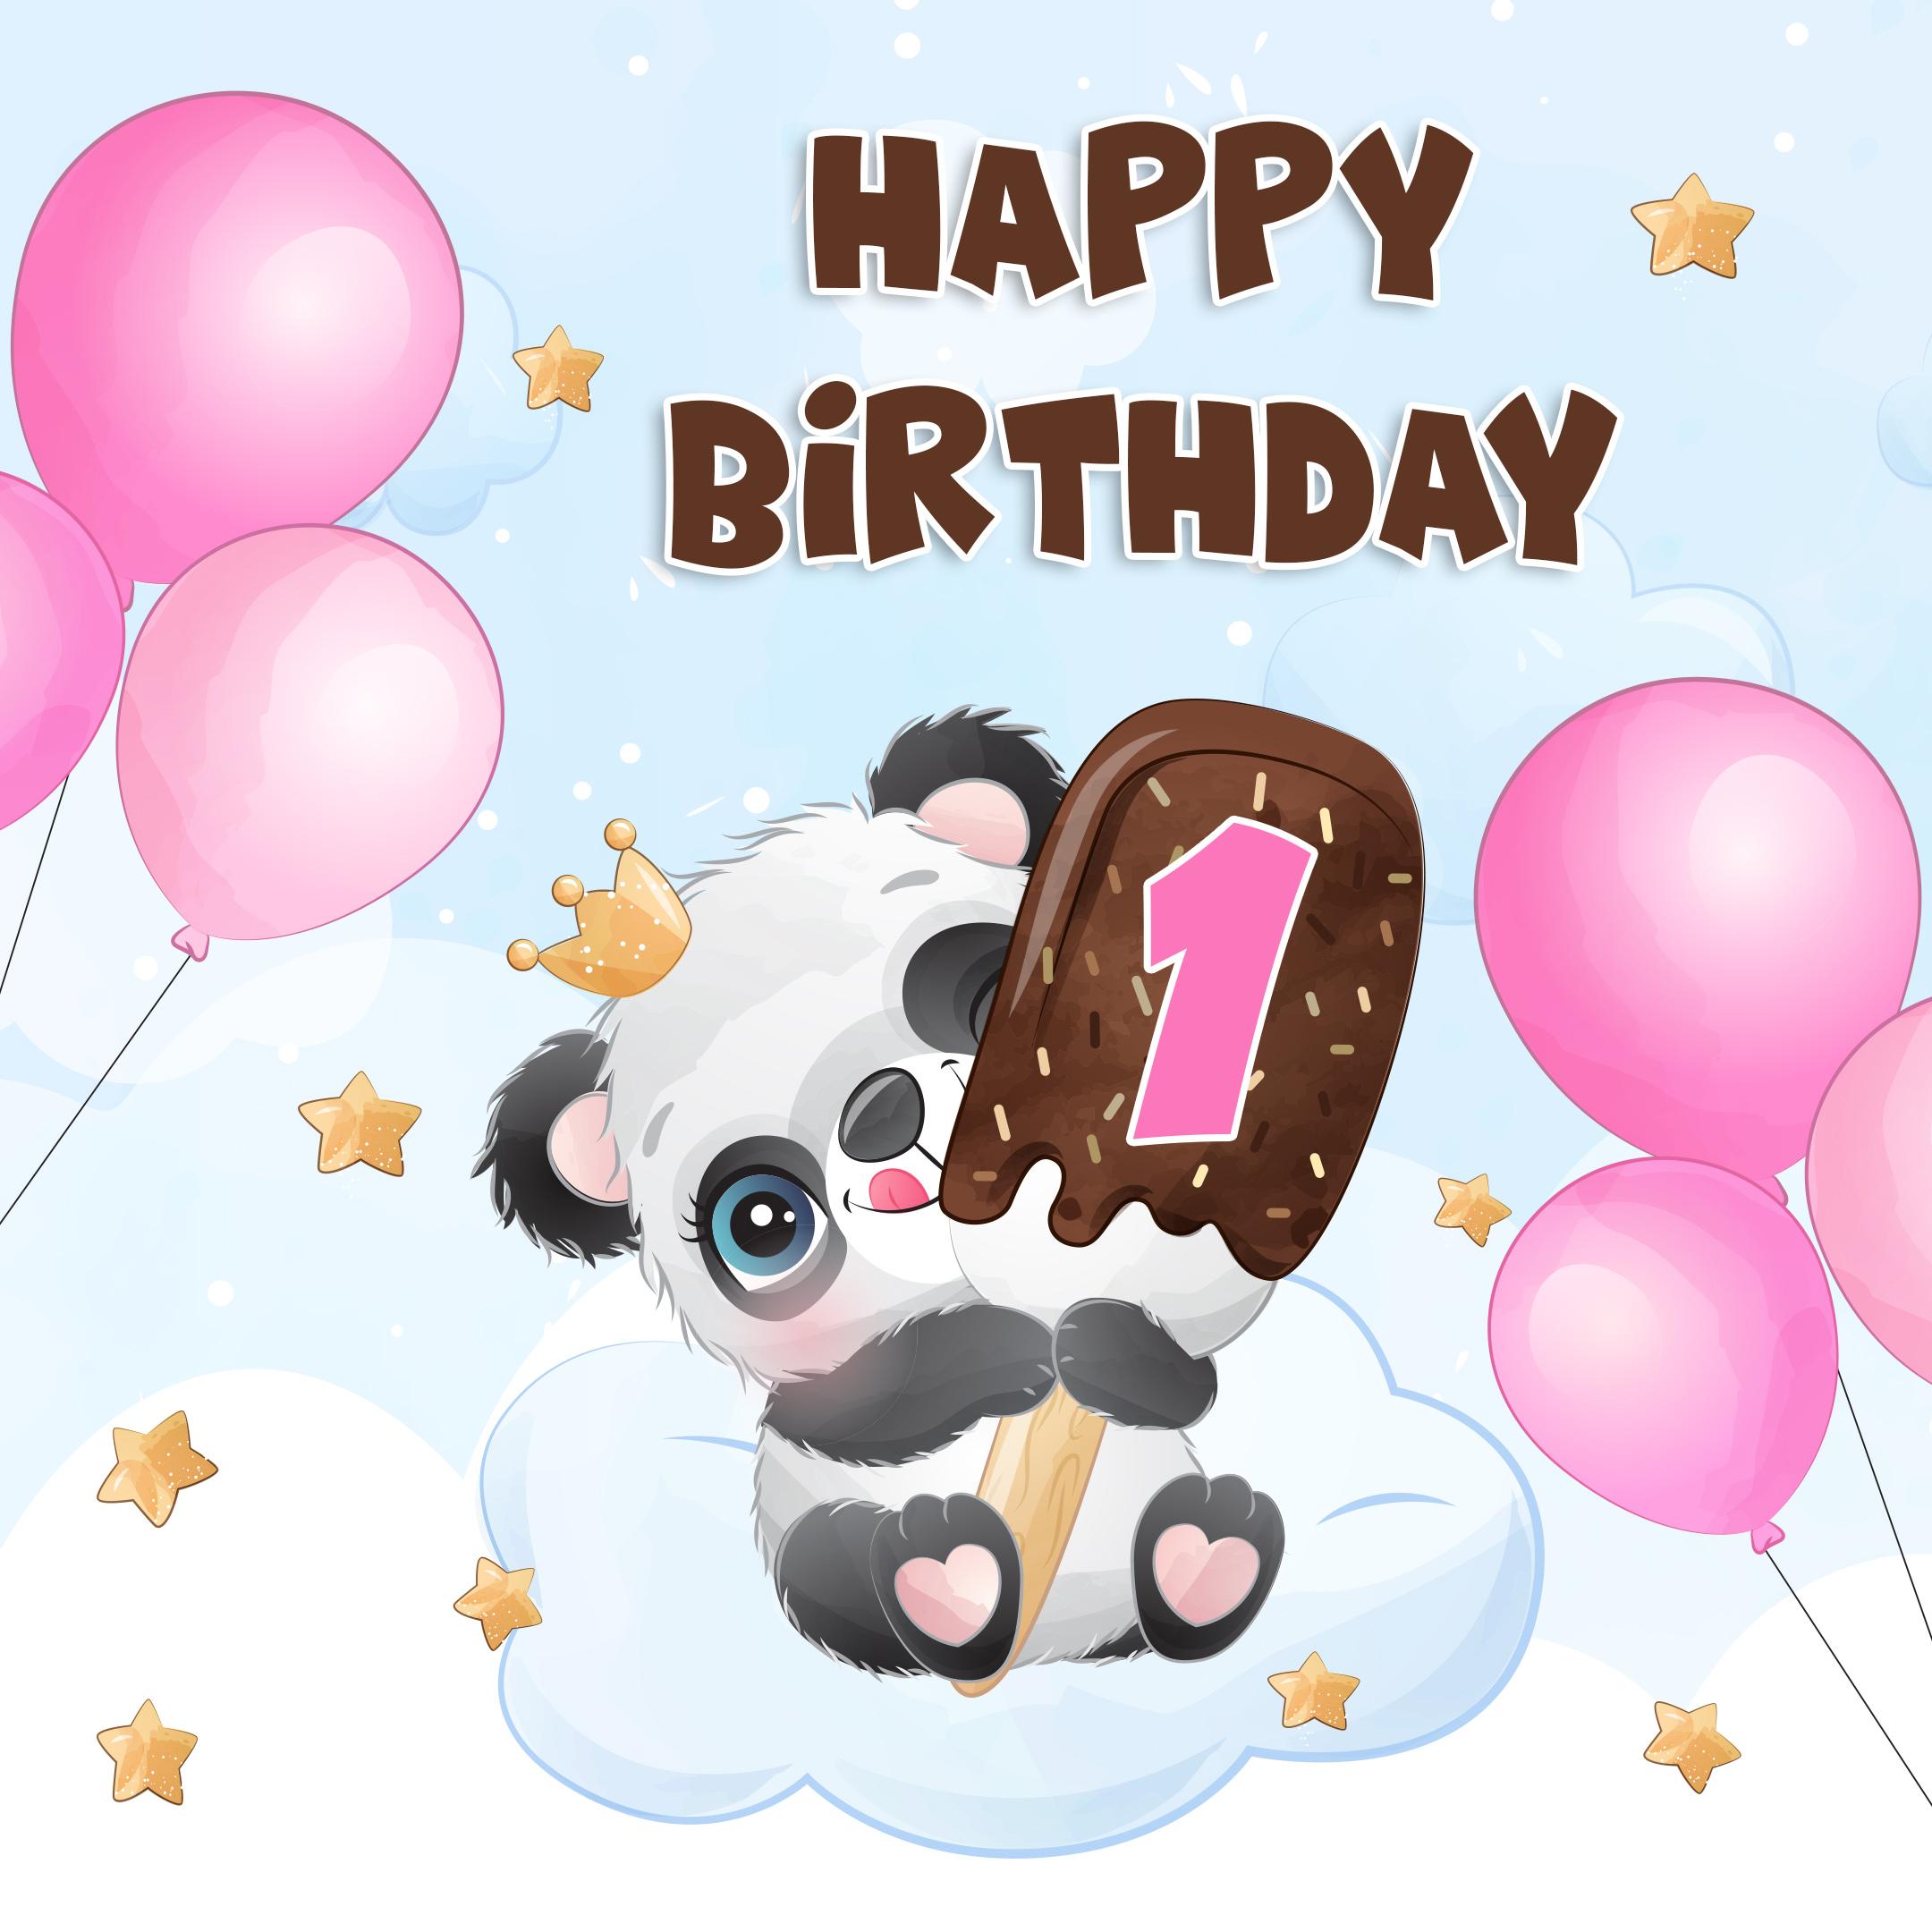 Free 1st Year Happy Birthday Image With Panda - birthdayimg.com